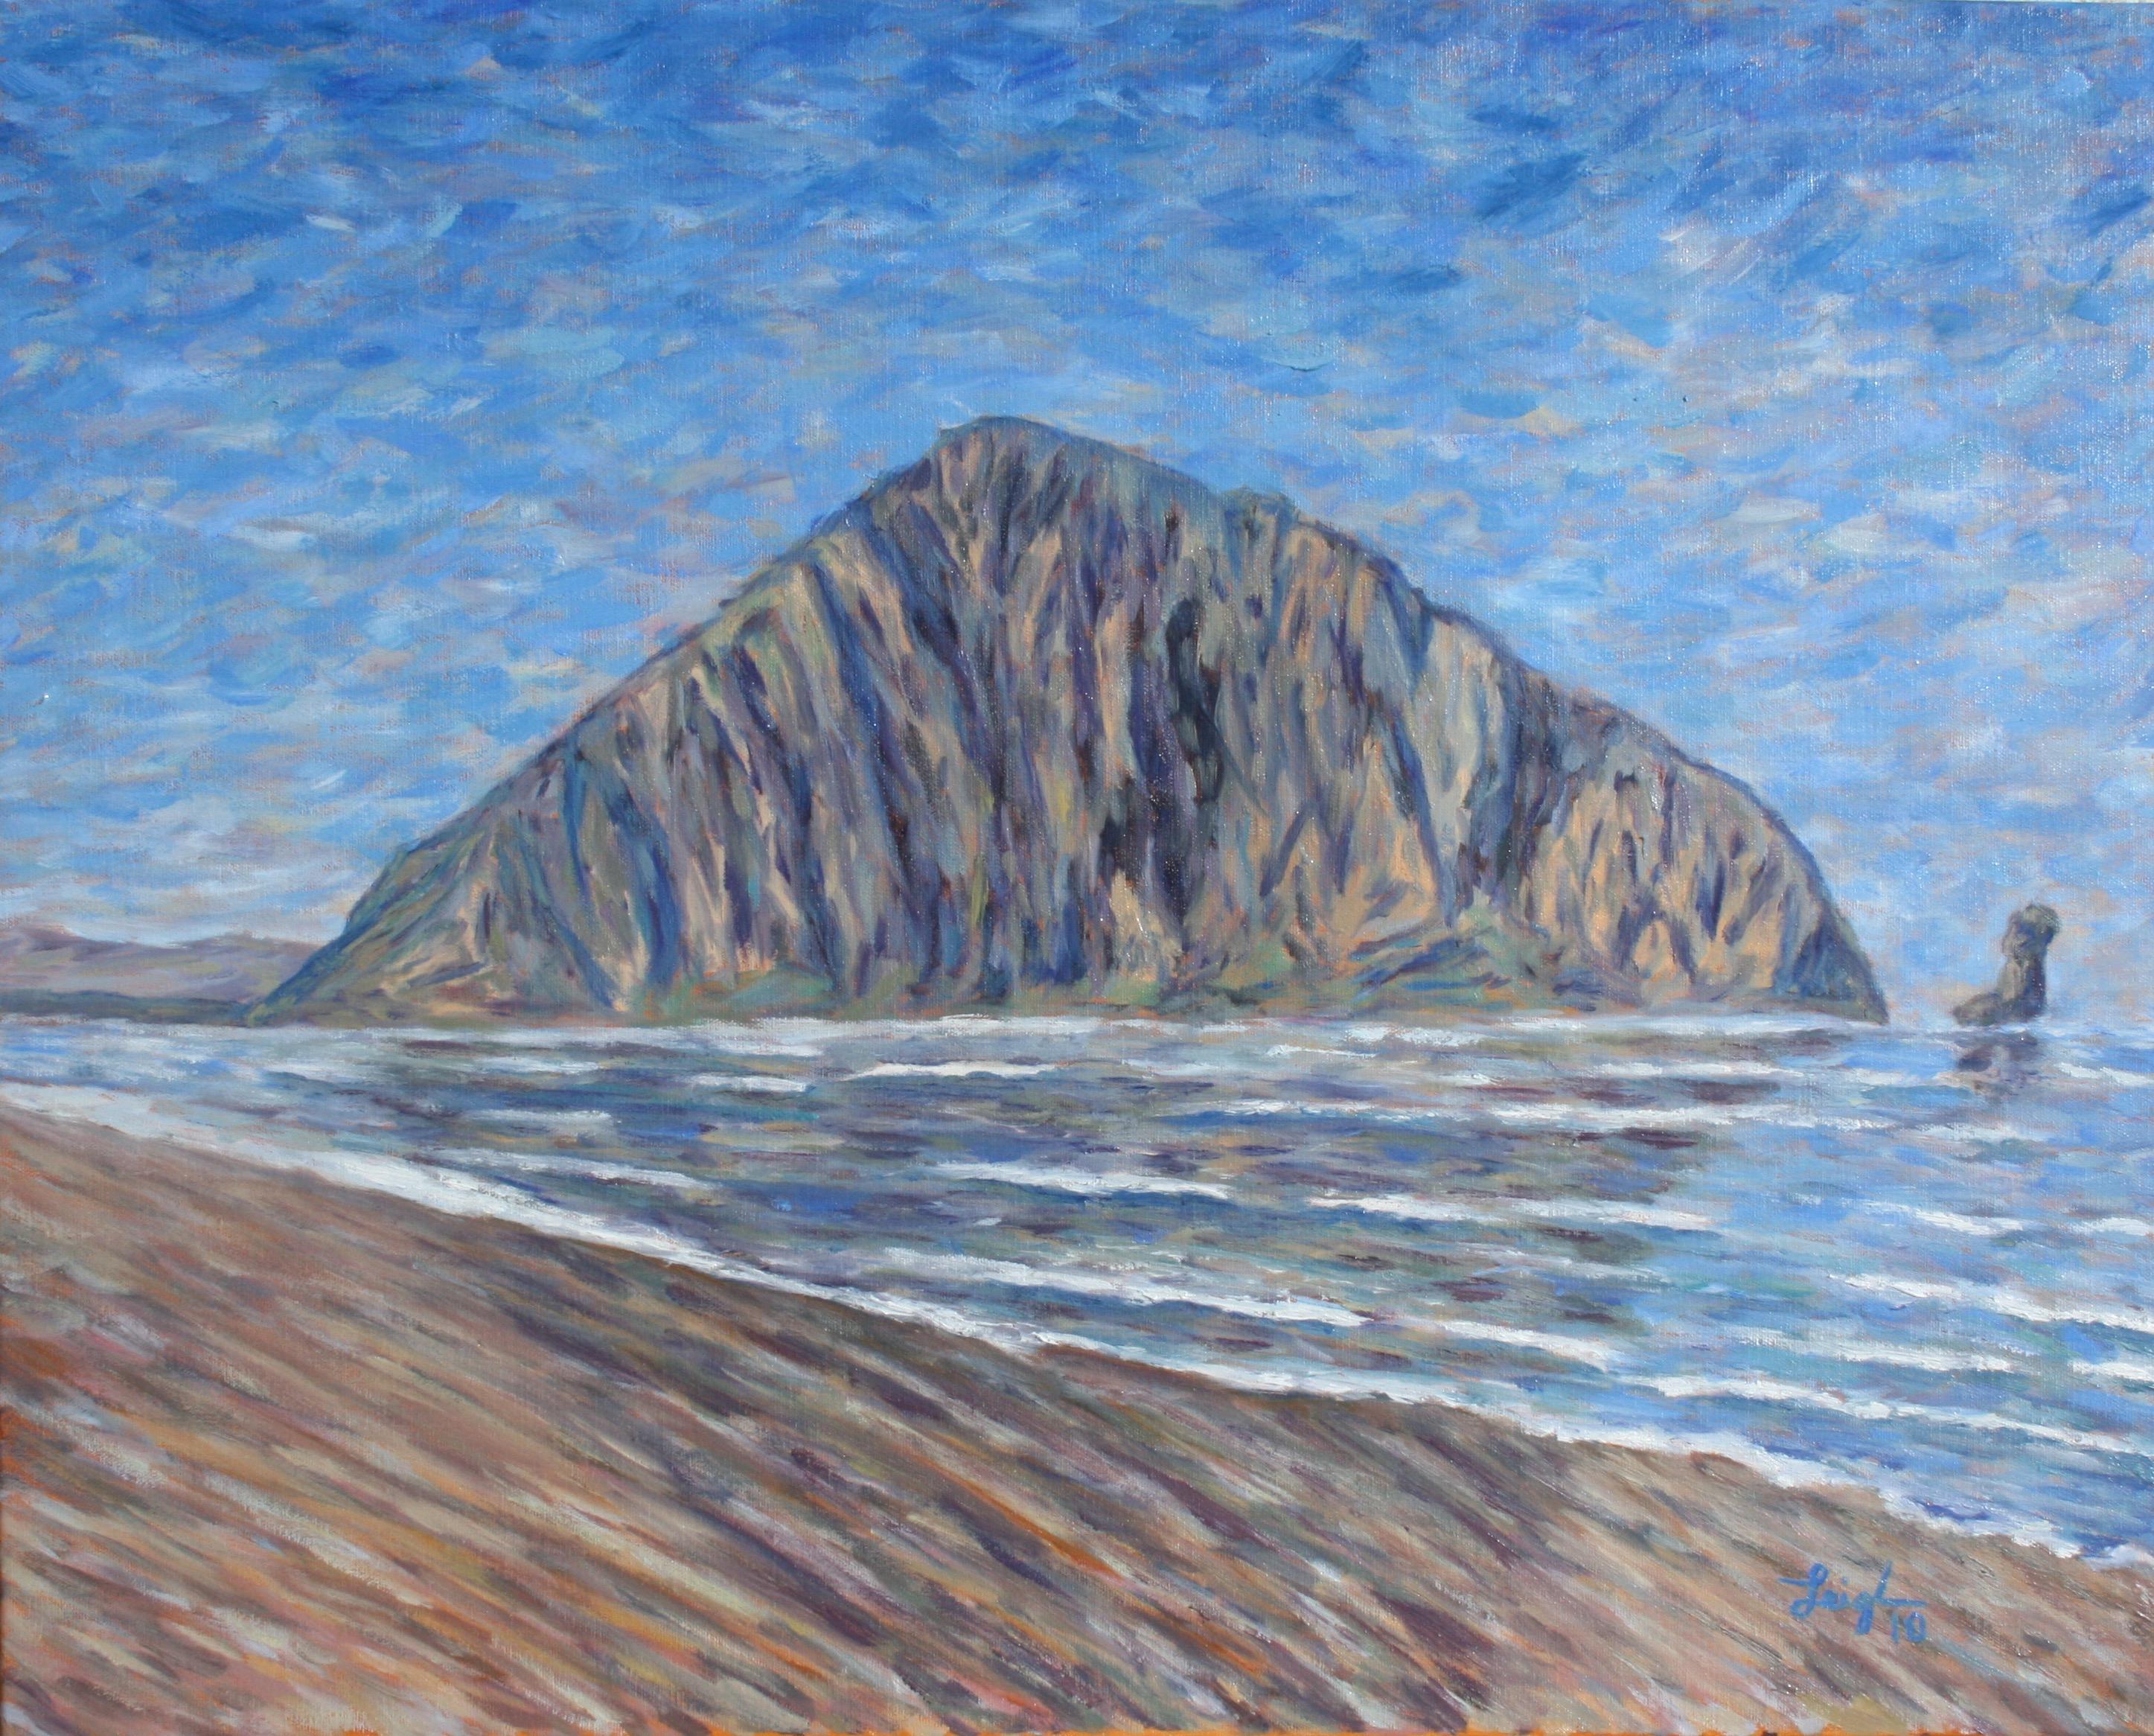 Portrait of Morro Rock  ~   Michael & Jordonna Dores, Morro Bay, CA 2010  •  30 x 24